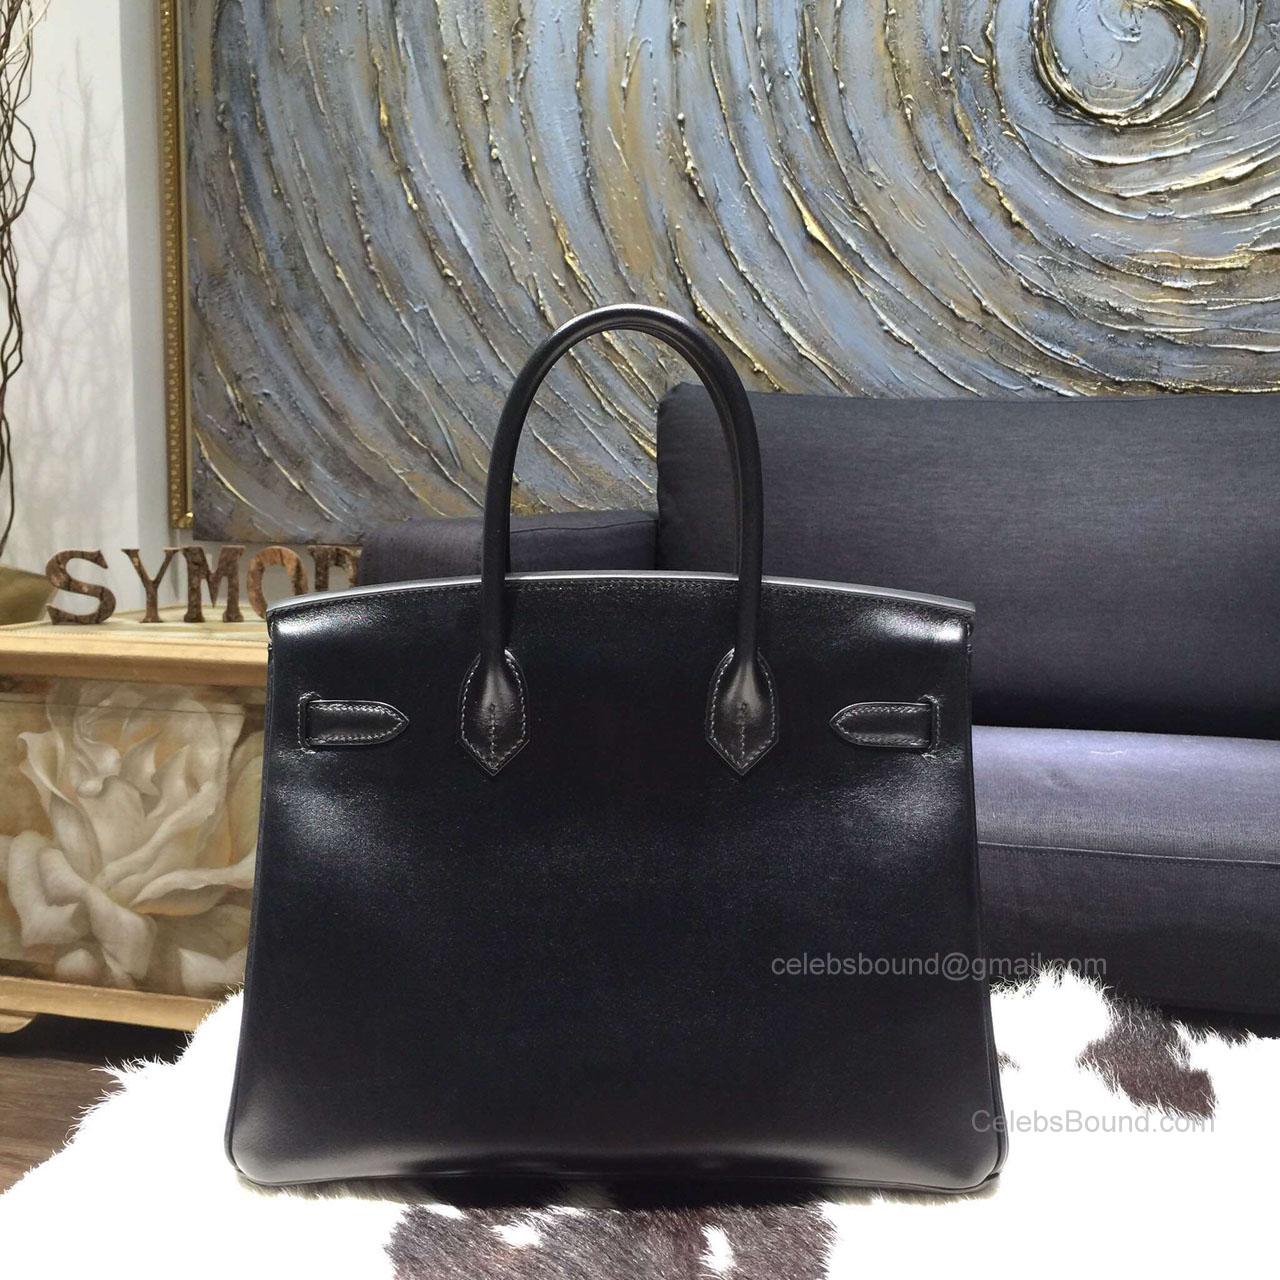 ed696643e8f4 Hermes Birkin 35 Bag Black Box Leather Handstitched Silver hw -